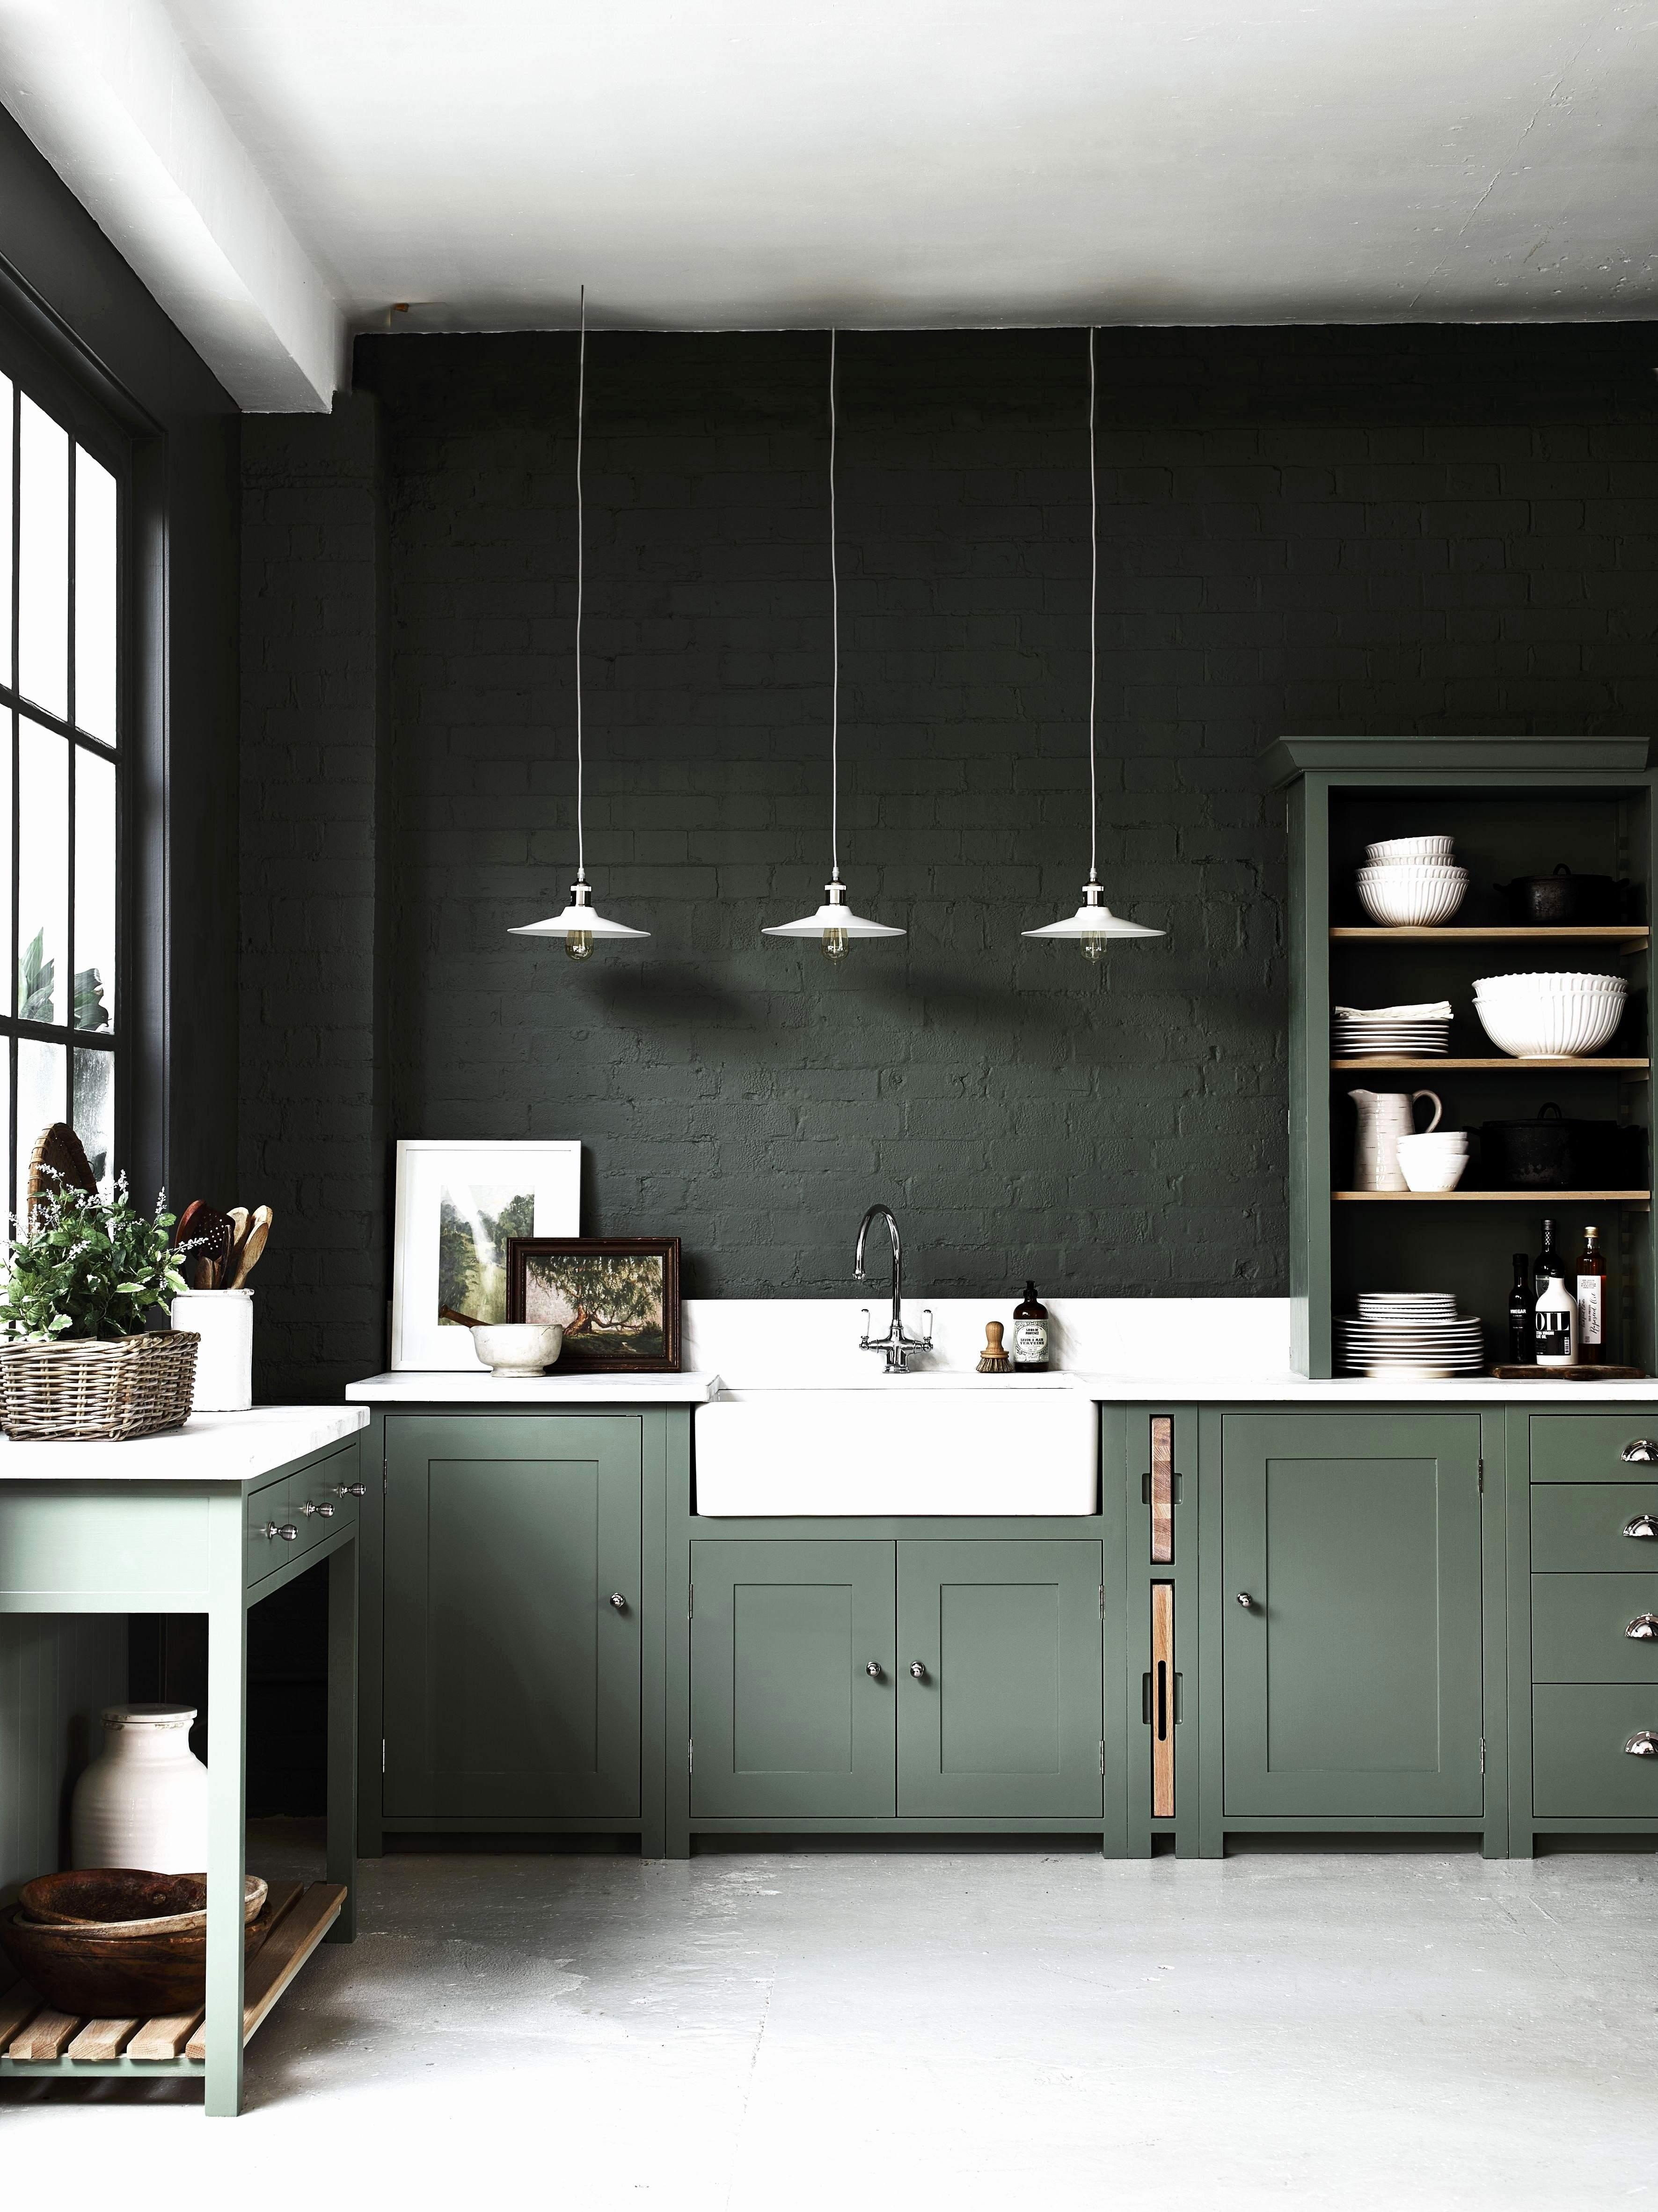 Tableau Cuisine Moderne Élégant Photos Du Bruit Dans La Cuisine Catalogue Meilleur De Cuisine En Pin Ikea